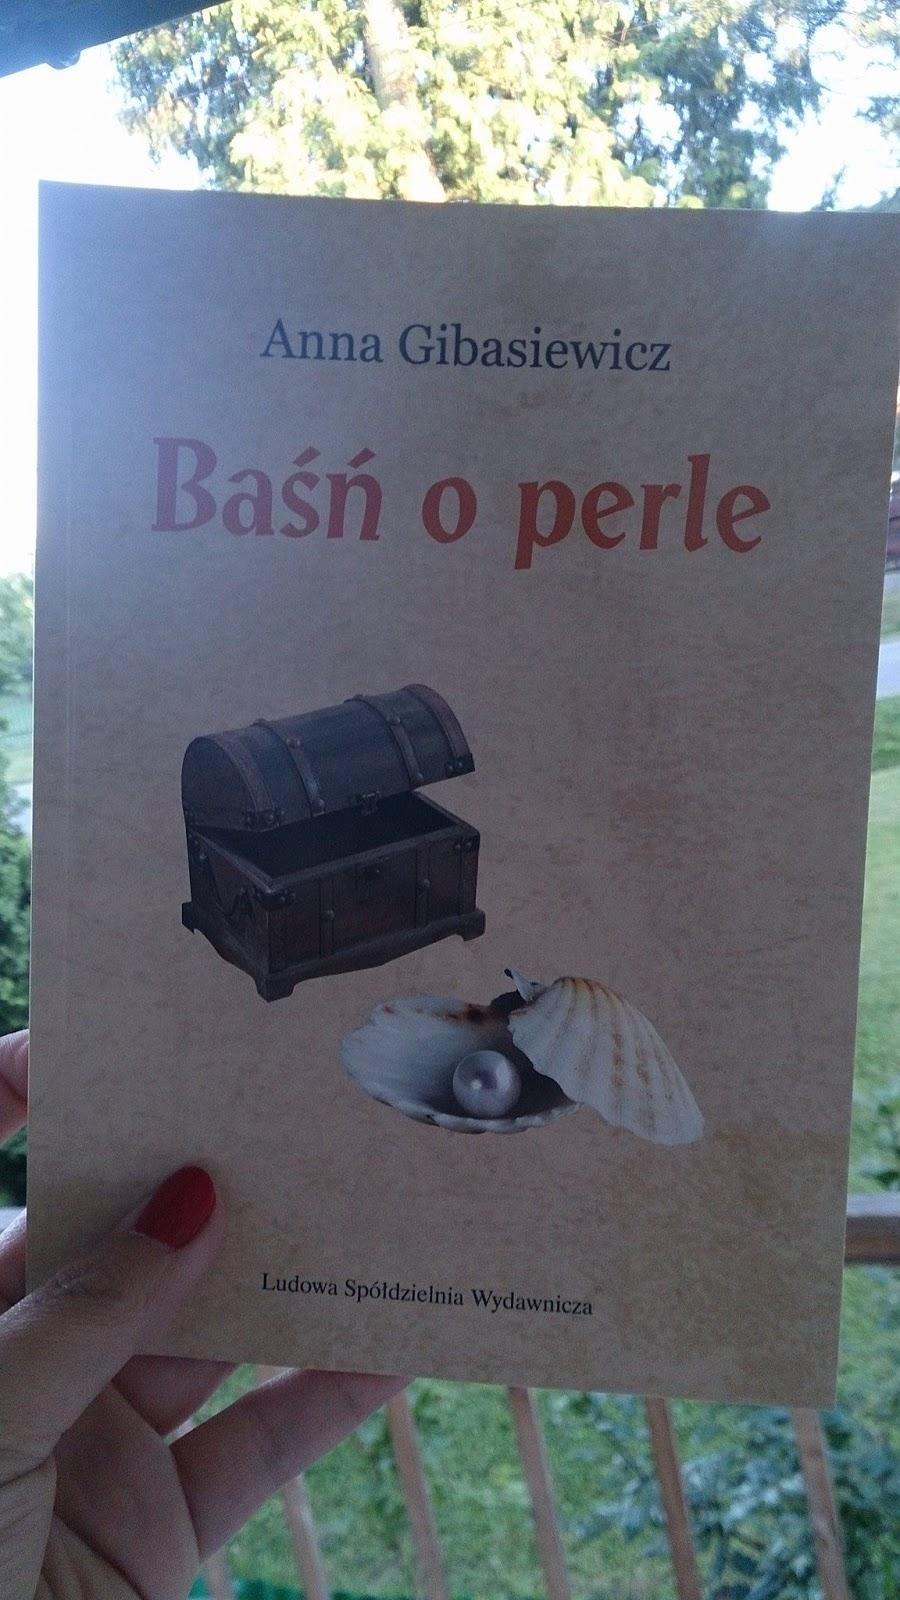 Różany Gaj Słów Anna Gibasiewicz Baśń O Perle